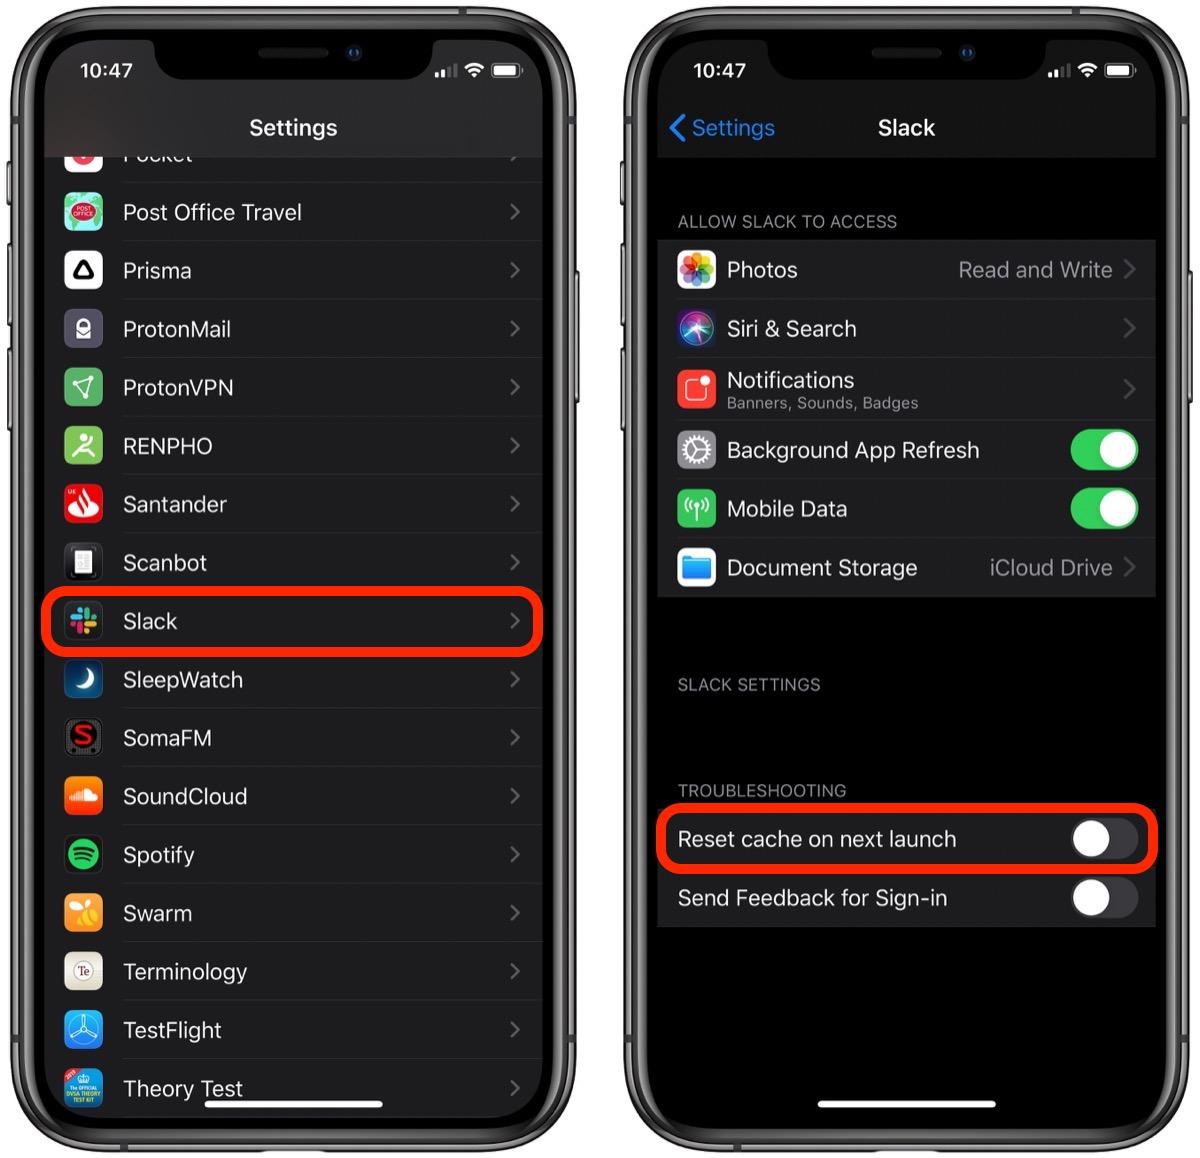 如何彻底清理 iPhone 和 iPad 上的缓存文件?